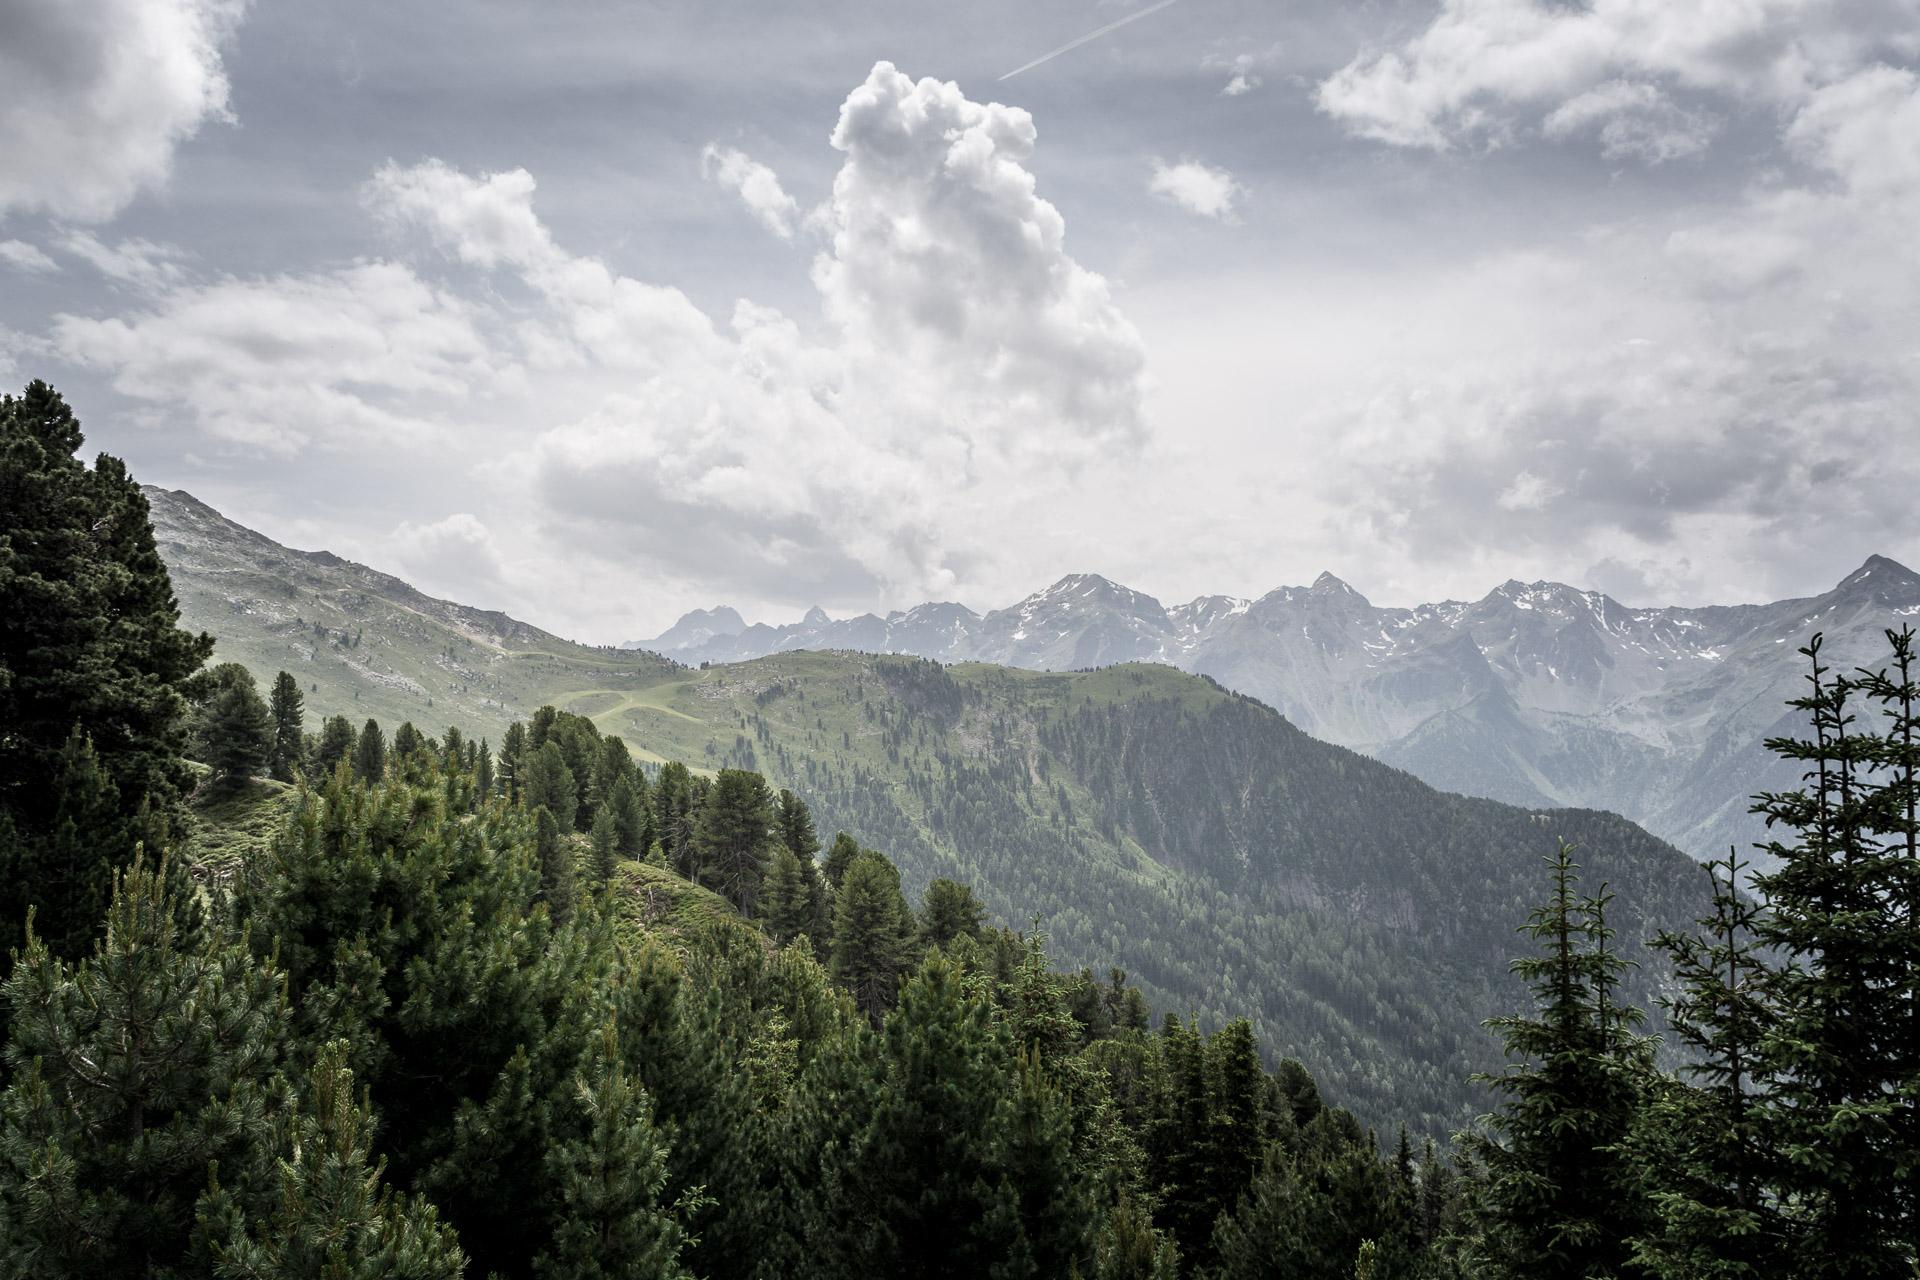 Jerzens_Hochzeiger_Pitztal_Naturpark_Kaunergrad